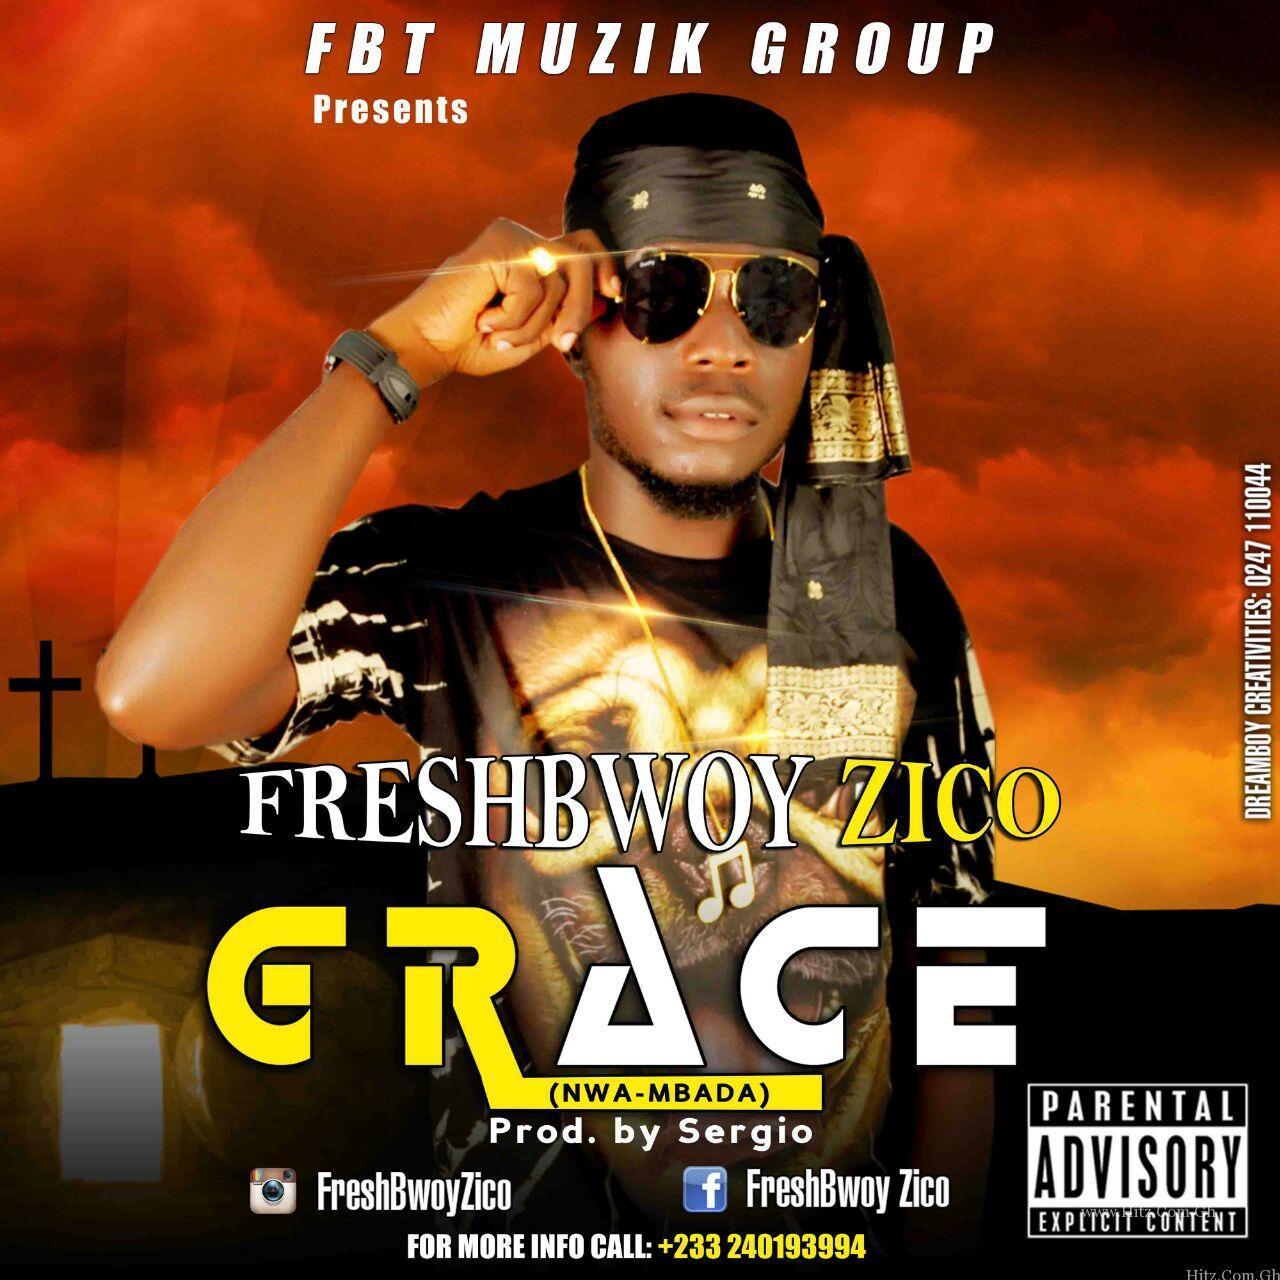 Freshbwoy Zico Grace Prod